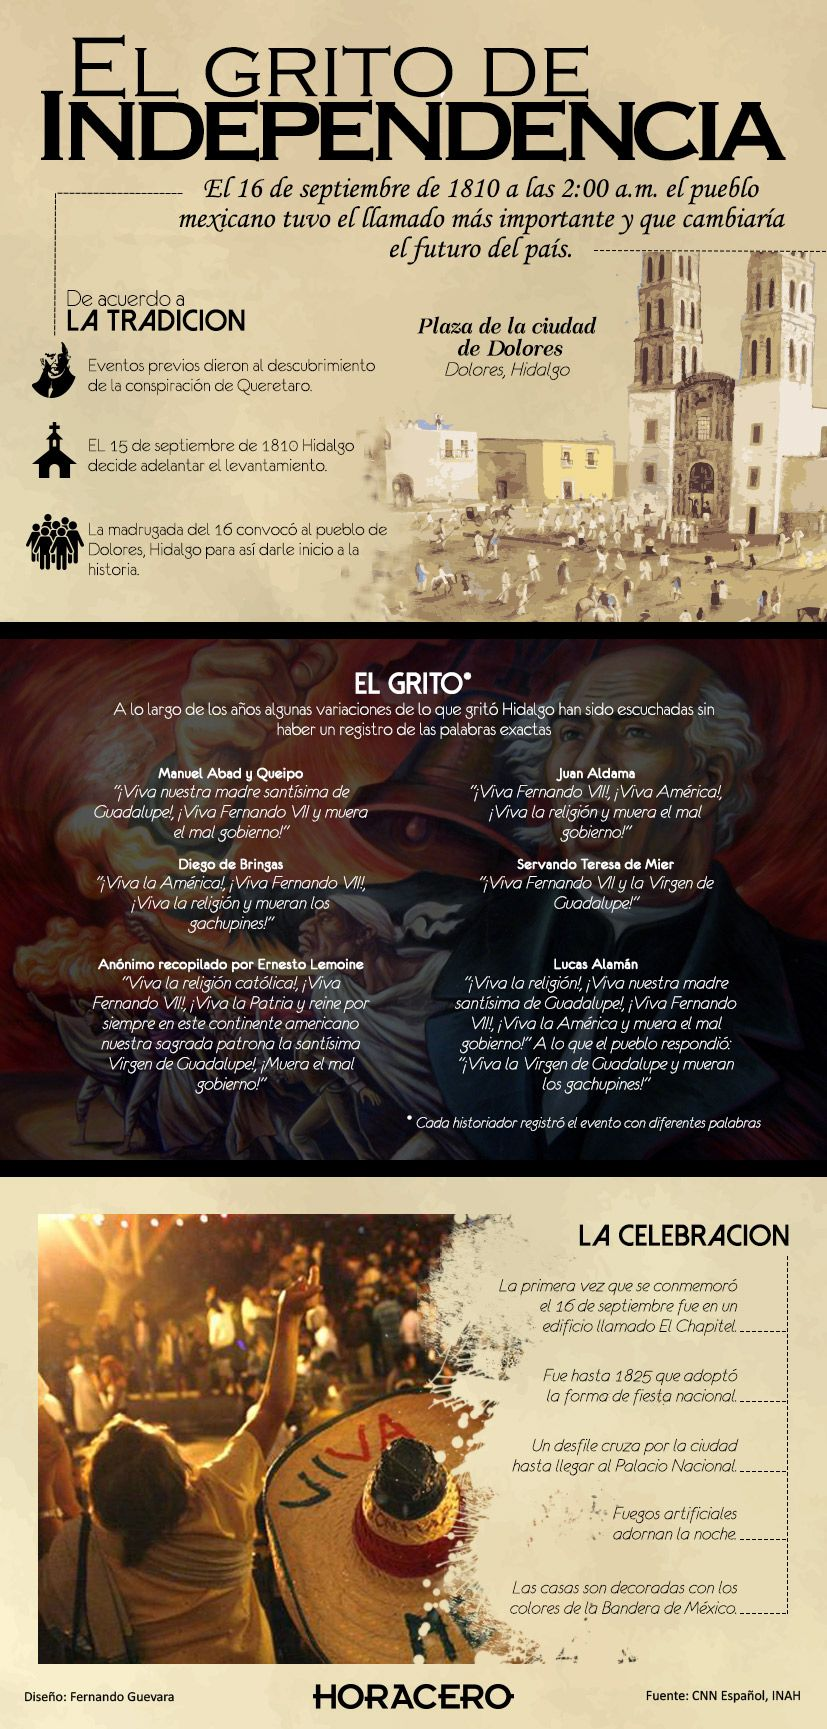 El 16 de septiembre de 1810 a las a.m. el pueblo mexicano tuvo el llamado  más importante y que cambiaría el futuro de su país. ffe0a4dd5b5